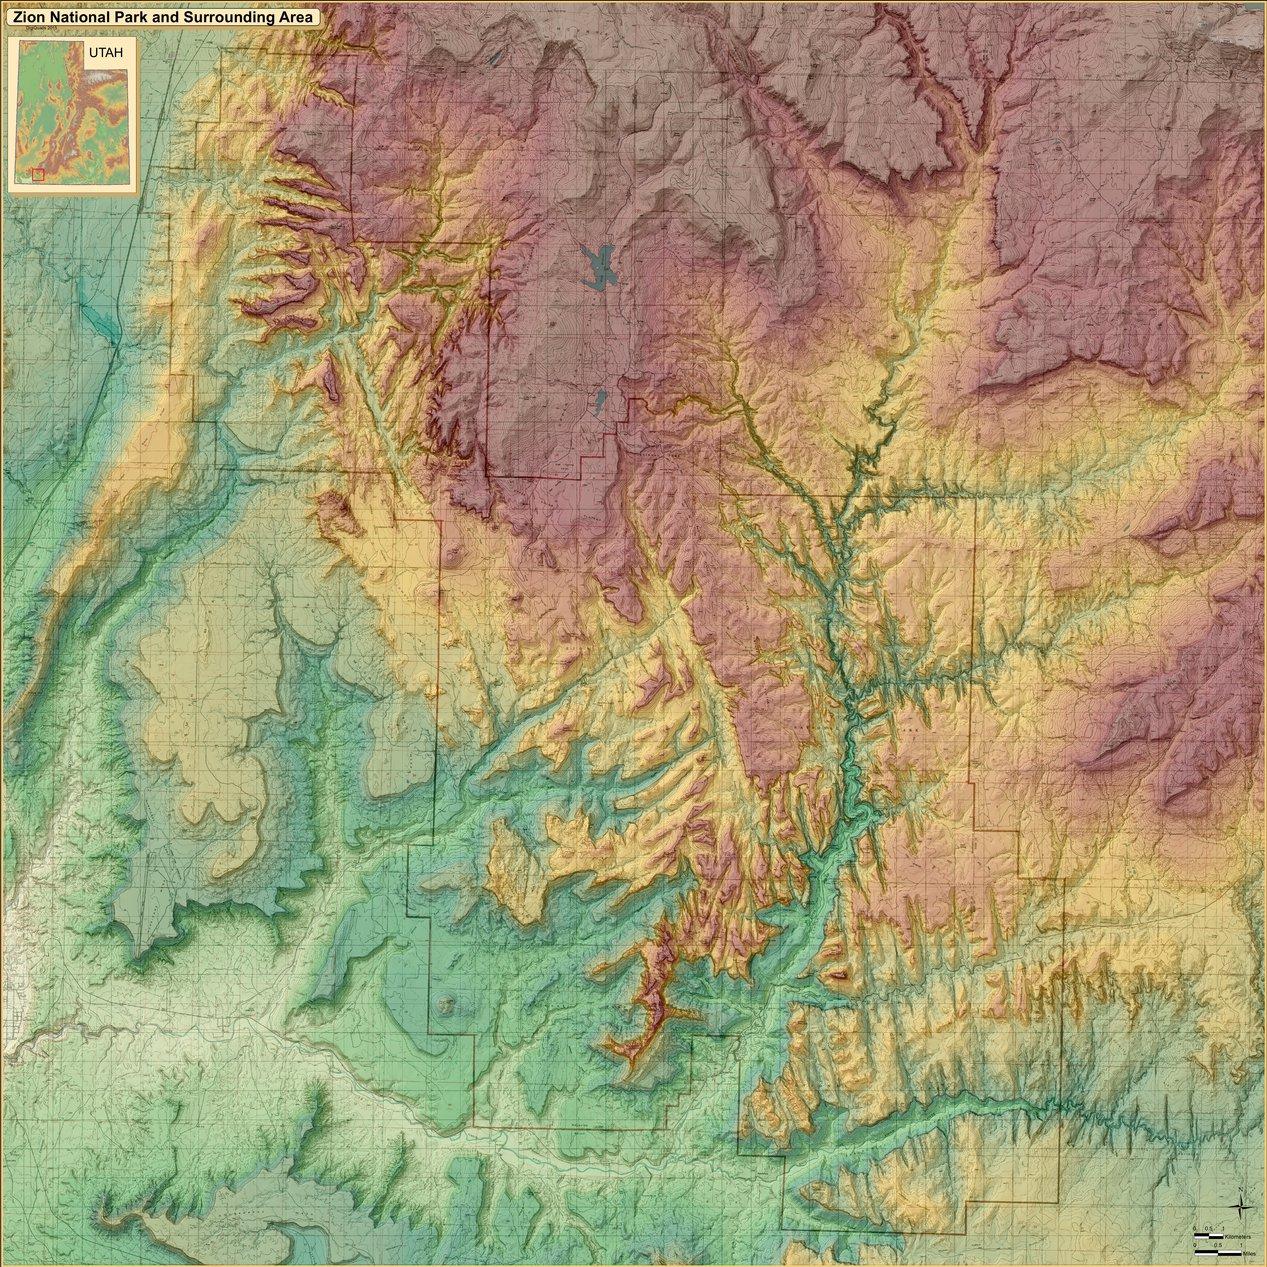 Zion National Park Map - DigiQuads - Avenza Maps